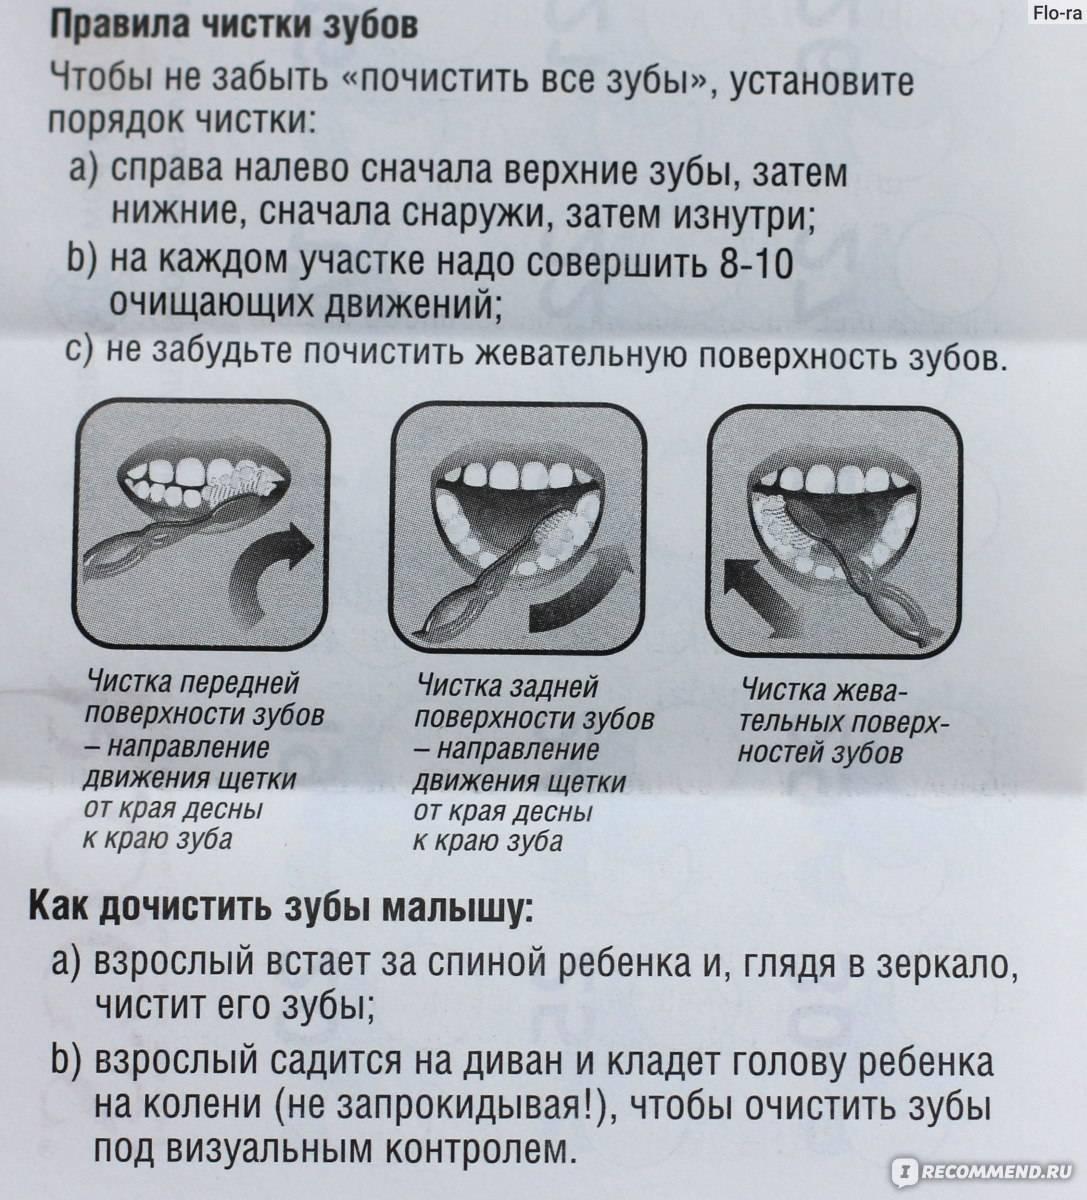 Ершики для чистки зубов: обзор моделей и как использовать - много зубов